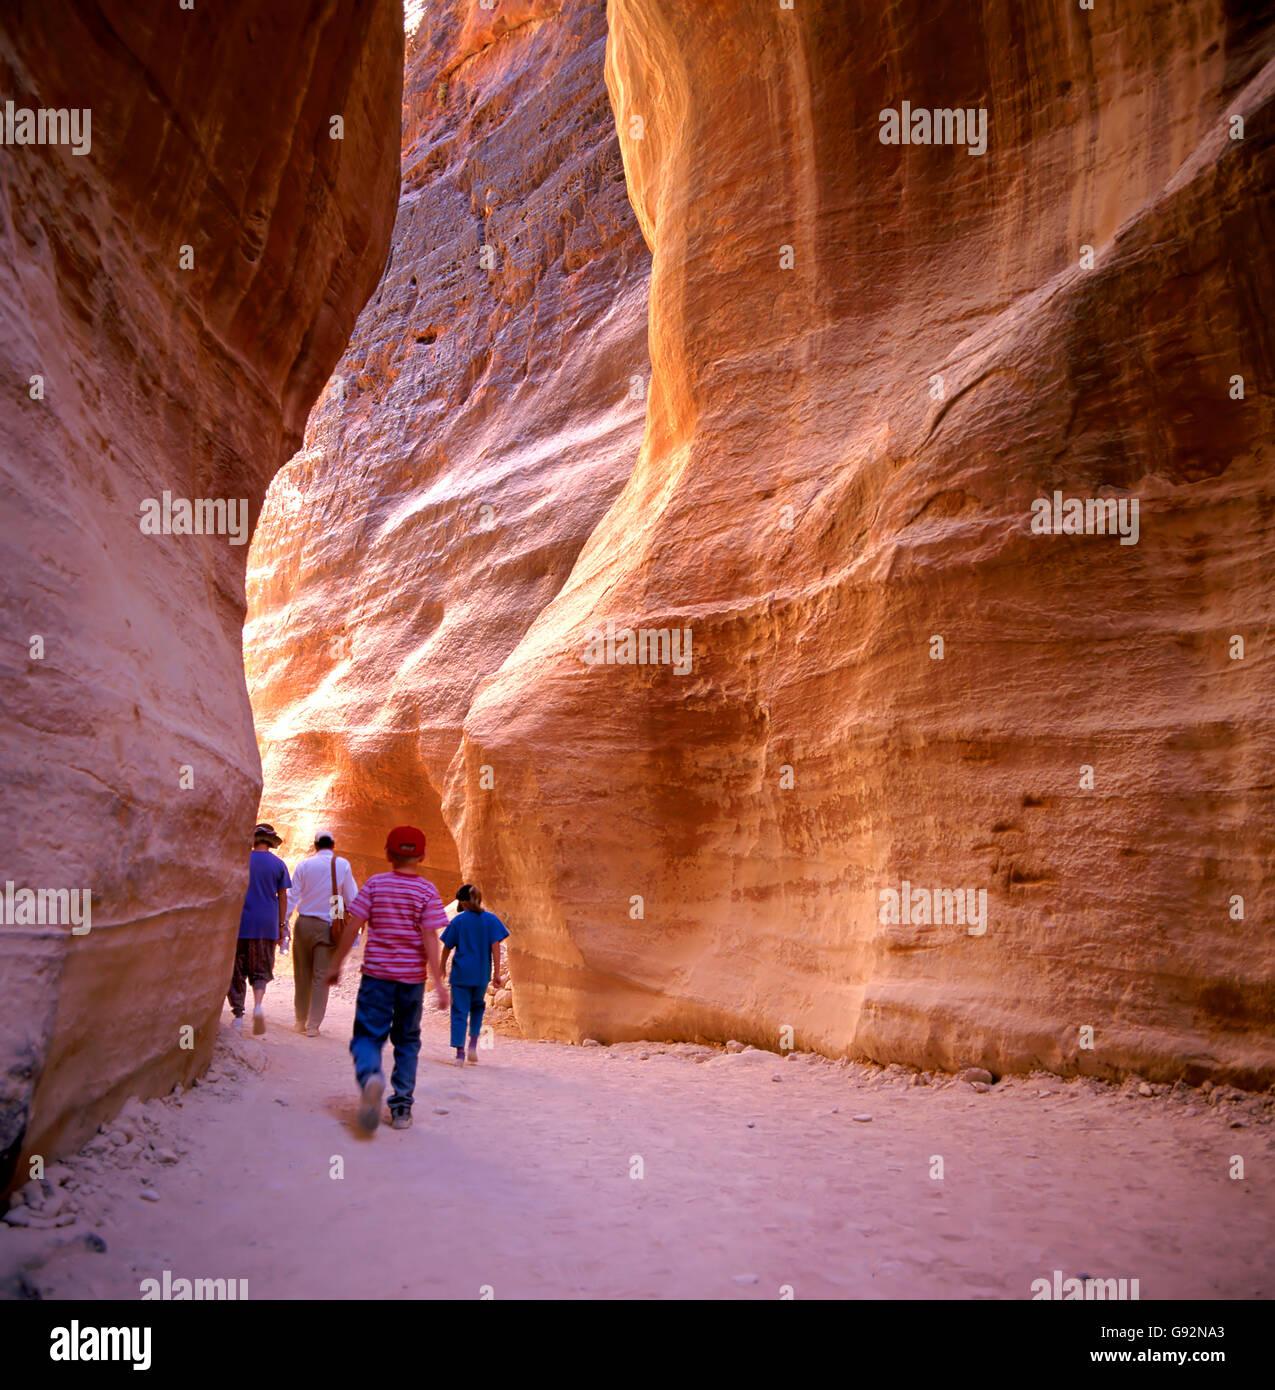 Il Siq ingresso alla città vecchia di Petra in Giordania che fu scolpito nella roccia. Ora è un sito Patrimonio Immagini Stock